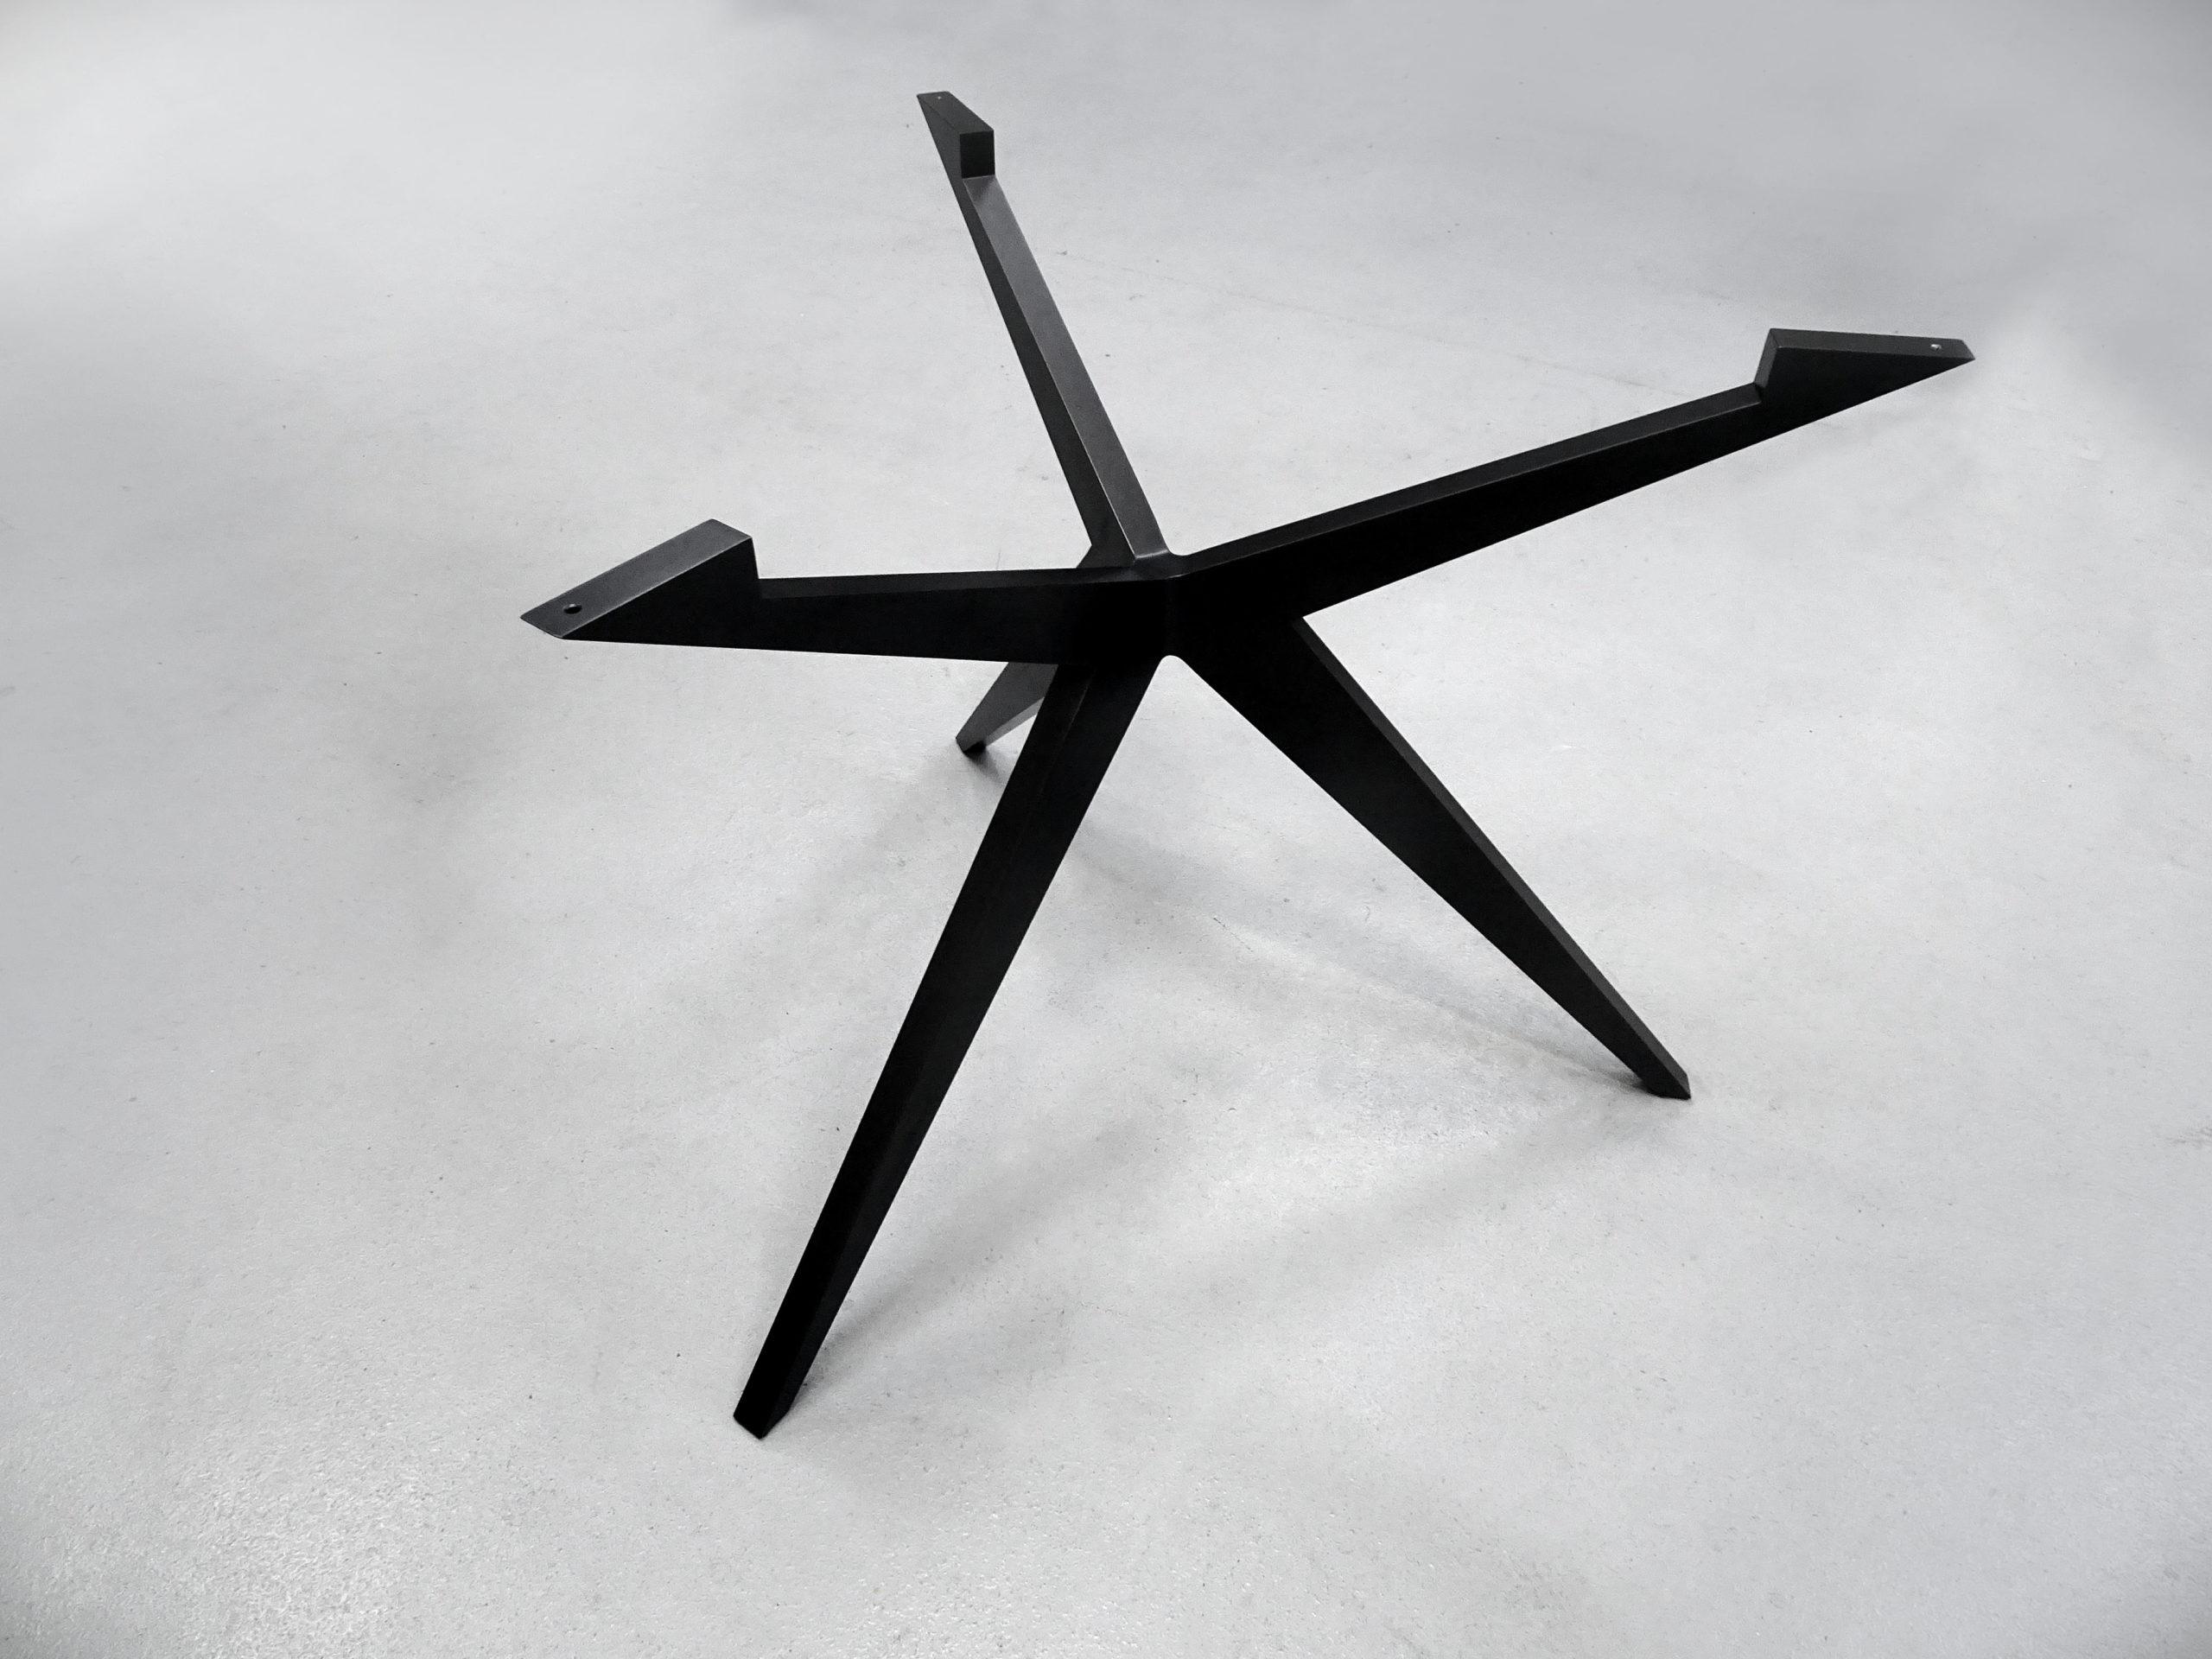 ARTMETA pied de table Papillon ronde alu sur mesure / Table Papillon Ronde